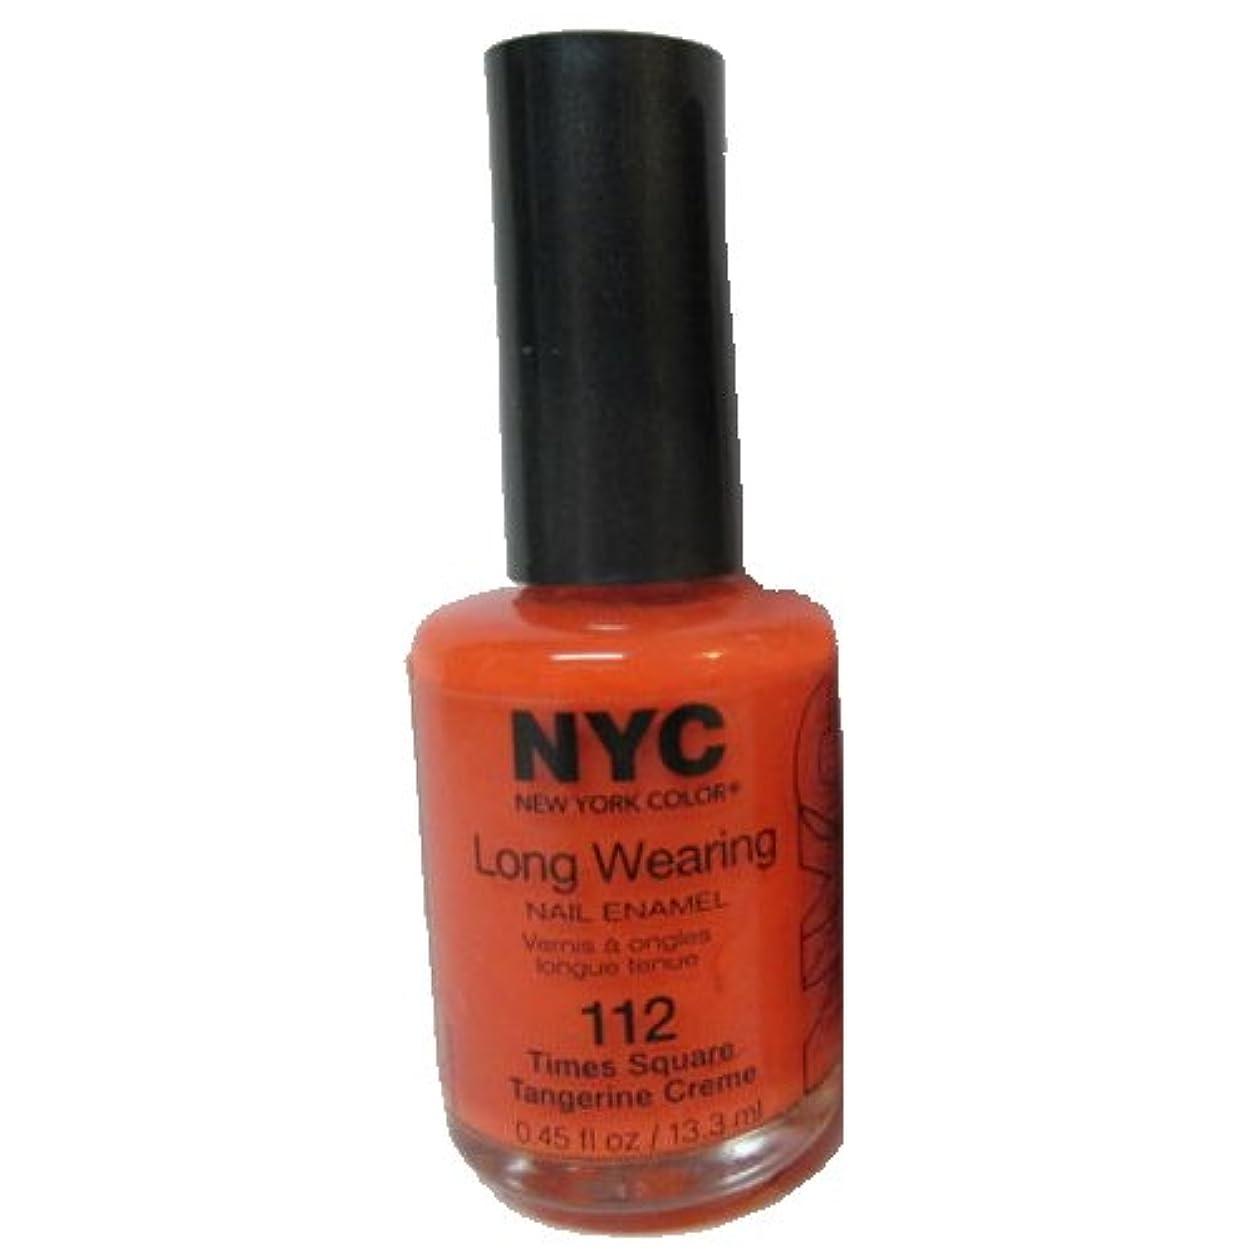 壊れた計り知れない介入する(3 Pack) NYC Long Wearing Nail Enamel - Times Square Tangerine (並行輸入品)